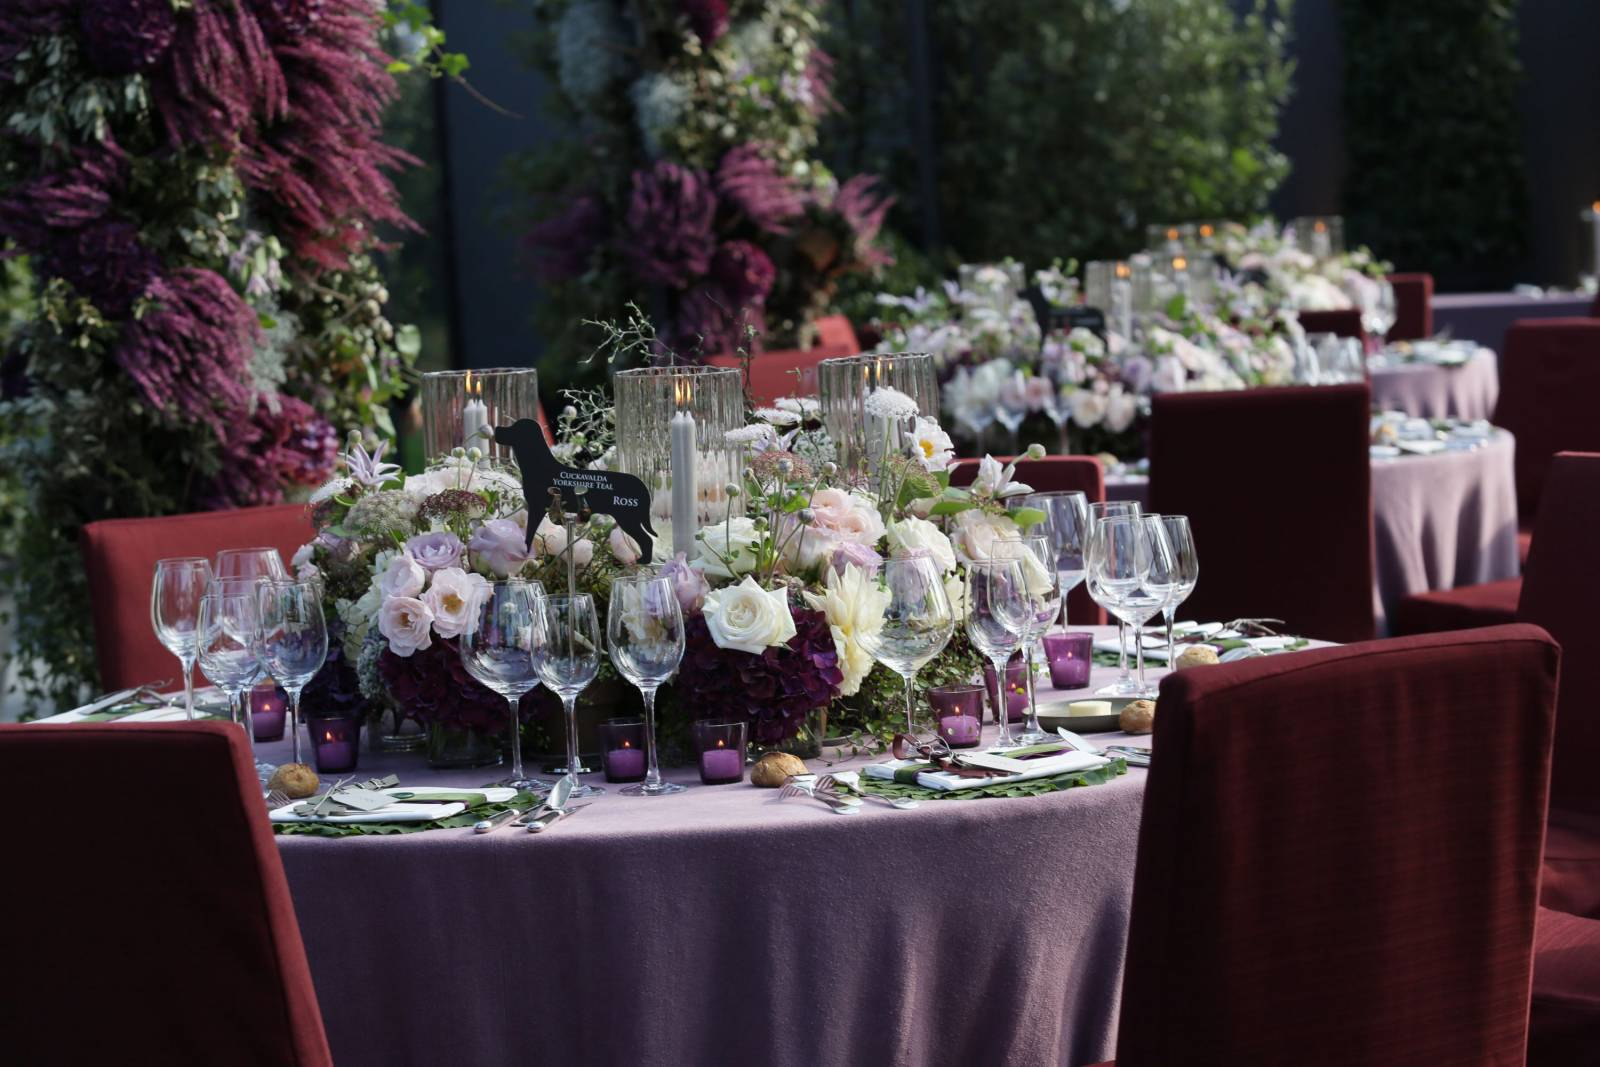 Paul Klunder - Bloemist - Bloemen Huwelijk - Huwelijksdecoratie met bloemen - Bruidsboeket - House of Weddings - 4